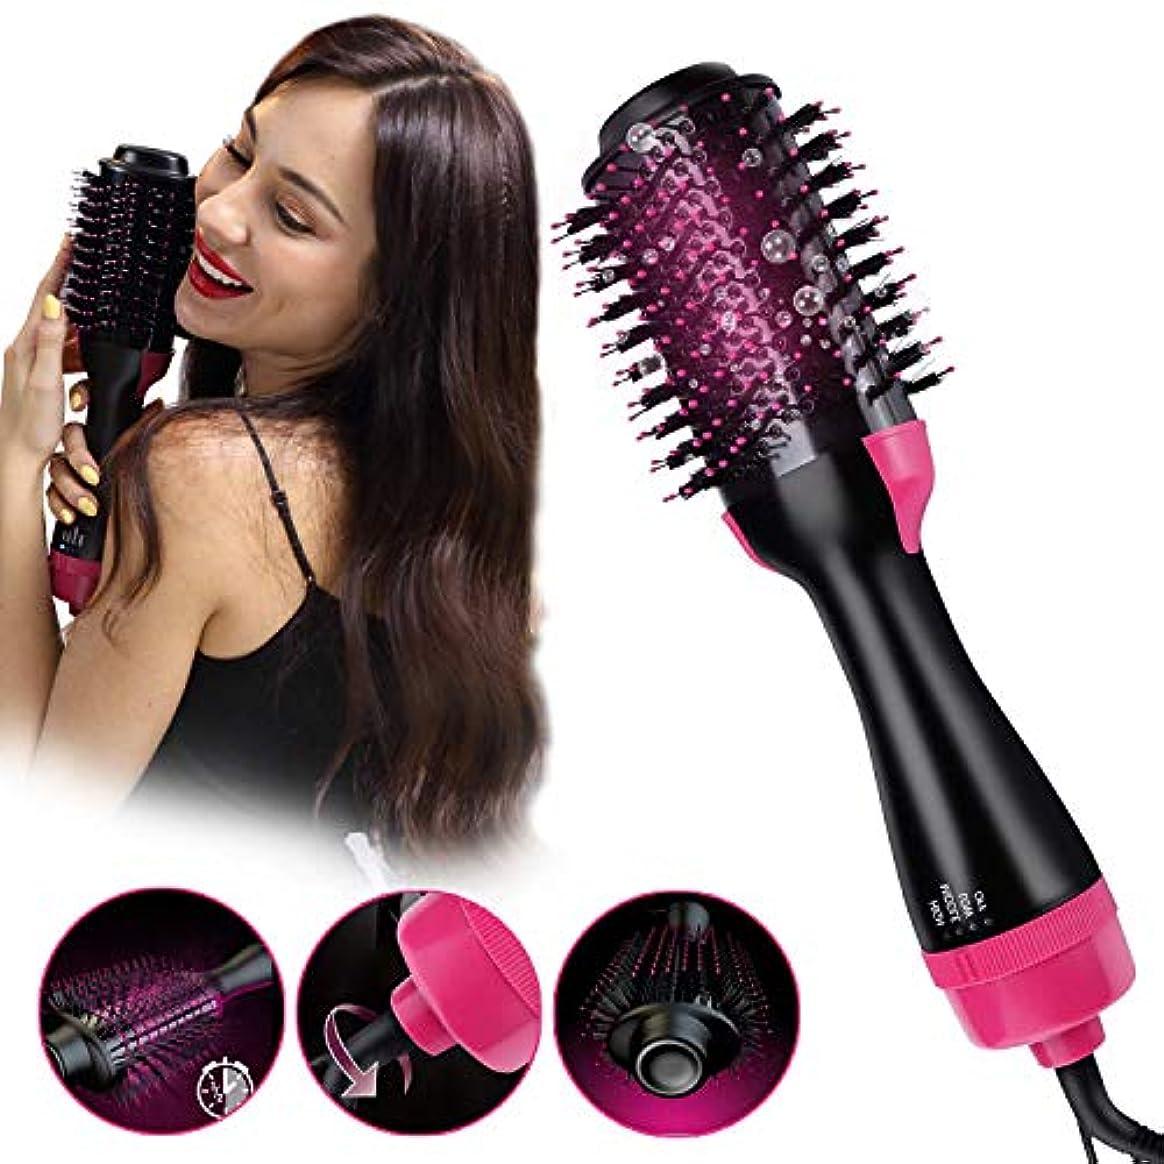 速度ホールお肉OULYO- ホットエアーブラシ、ワンステップヘアドライヤー&ボリューマイザースタイラーブラシ、2 in 1マイナスイオン矯正ブラシサロン、カーリーヘアコーム、すべての髪に効果的